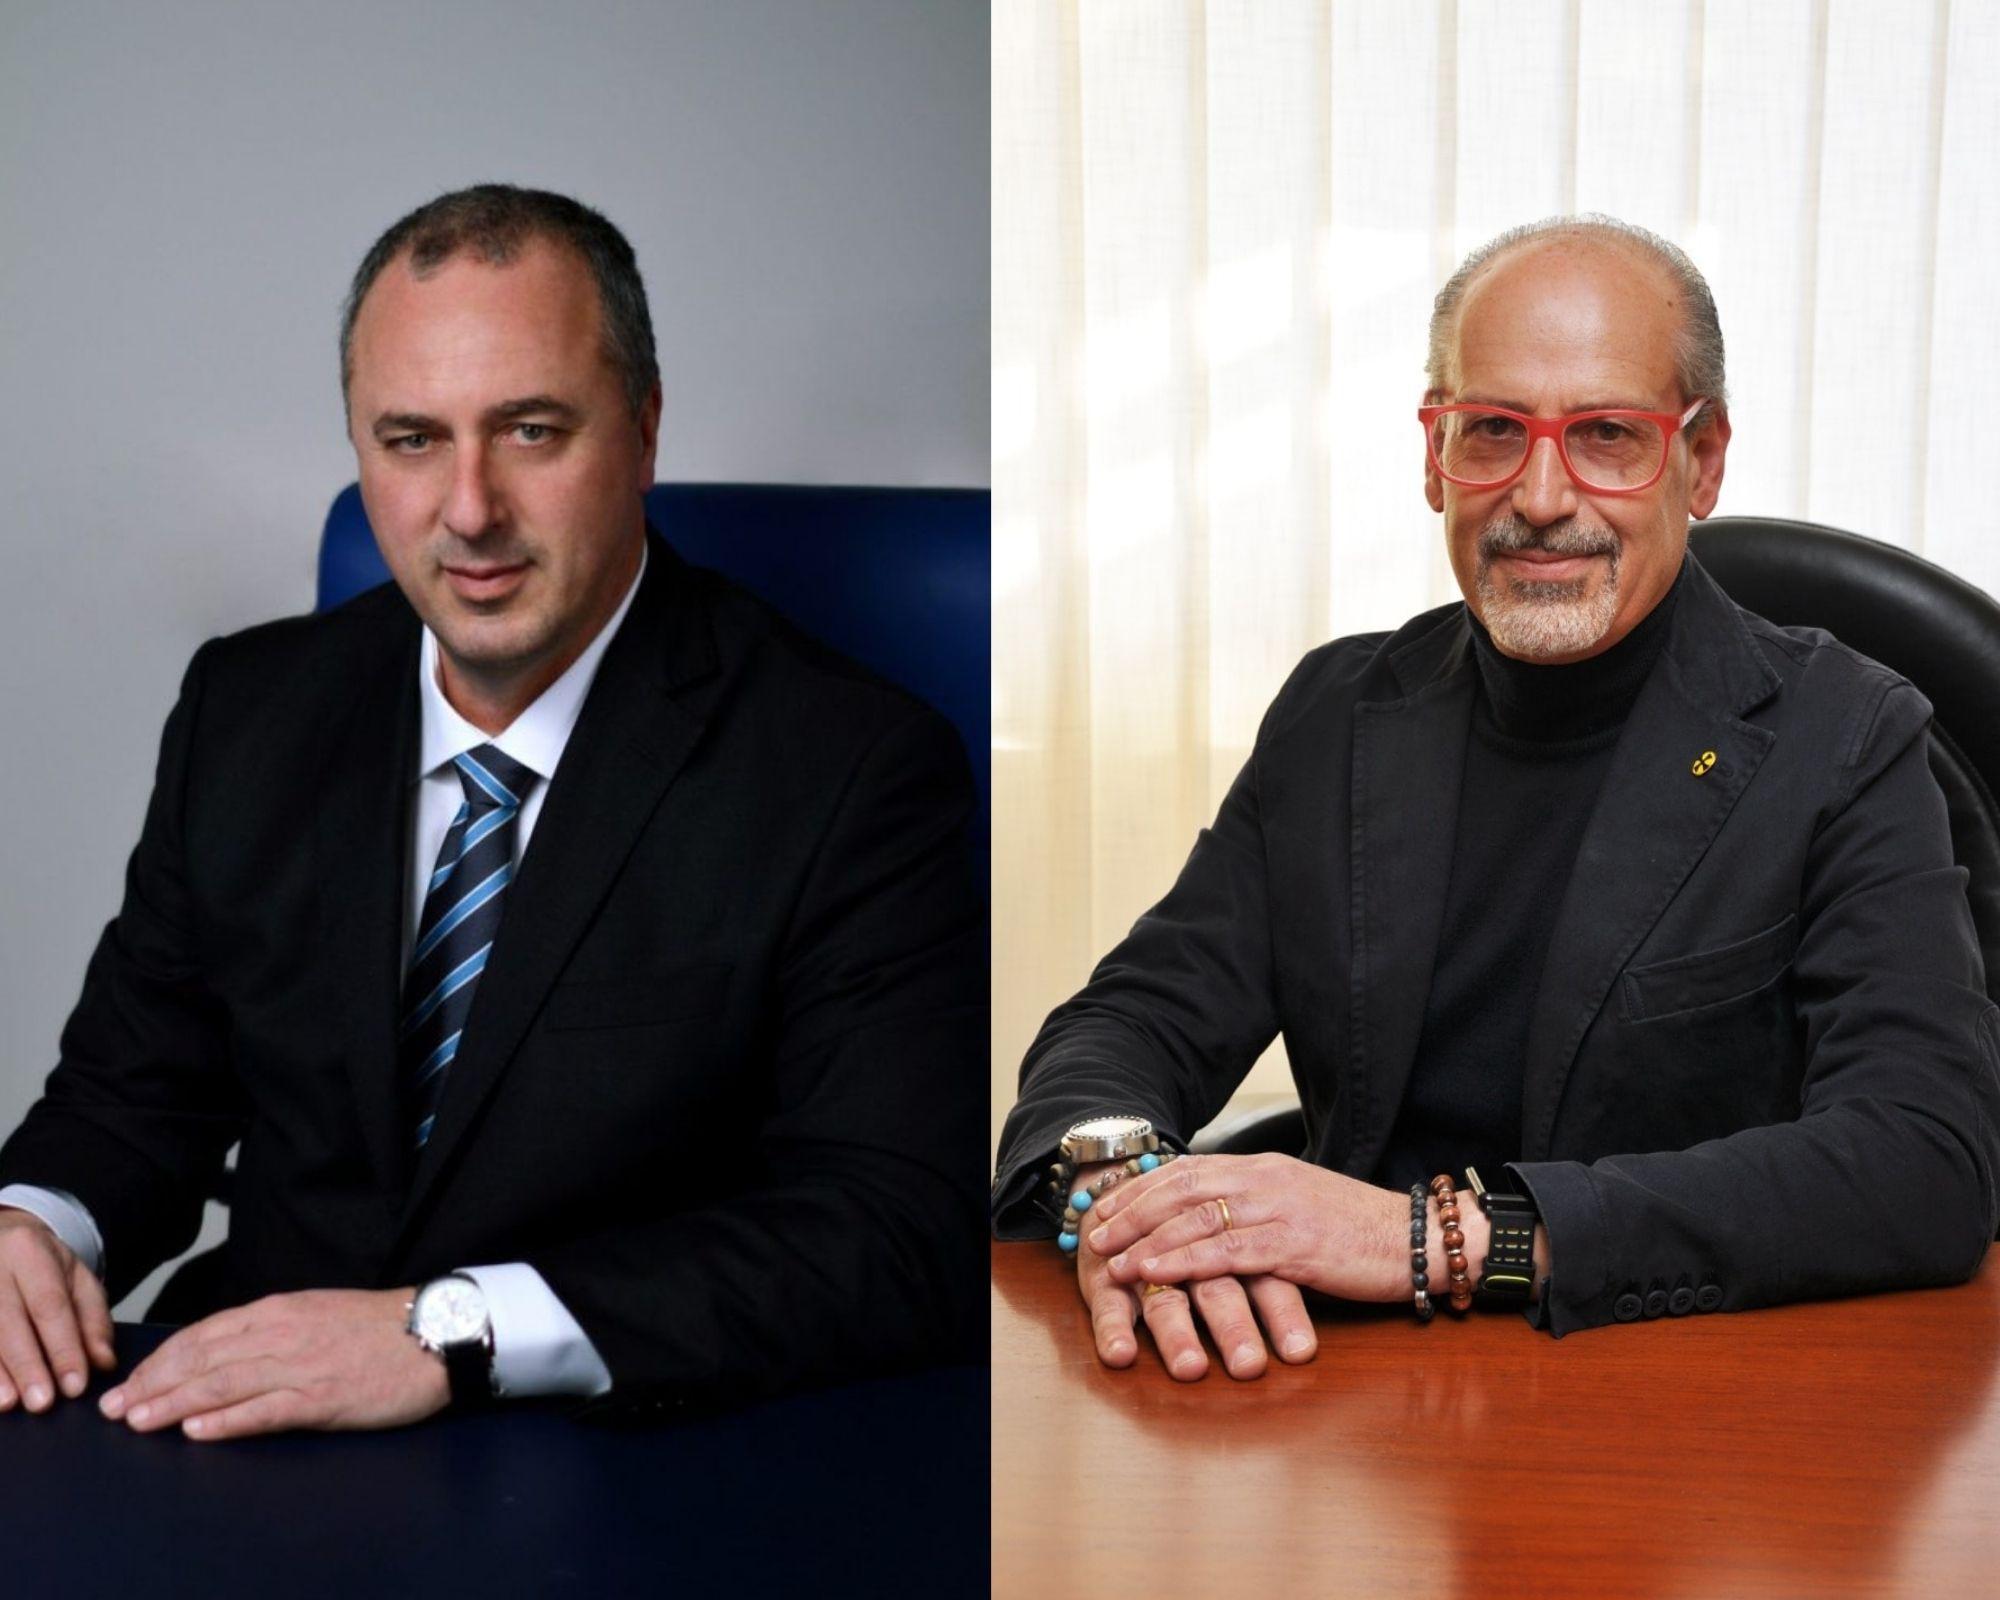 Coa Taranto: il Cnf annulla l'elezione del consigliere Moretti. Recepito il principio espresso dalla Cassazione dopo il ricorso degli avv. Nastri e Lerario